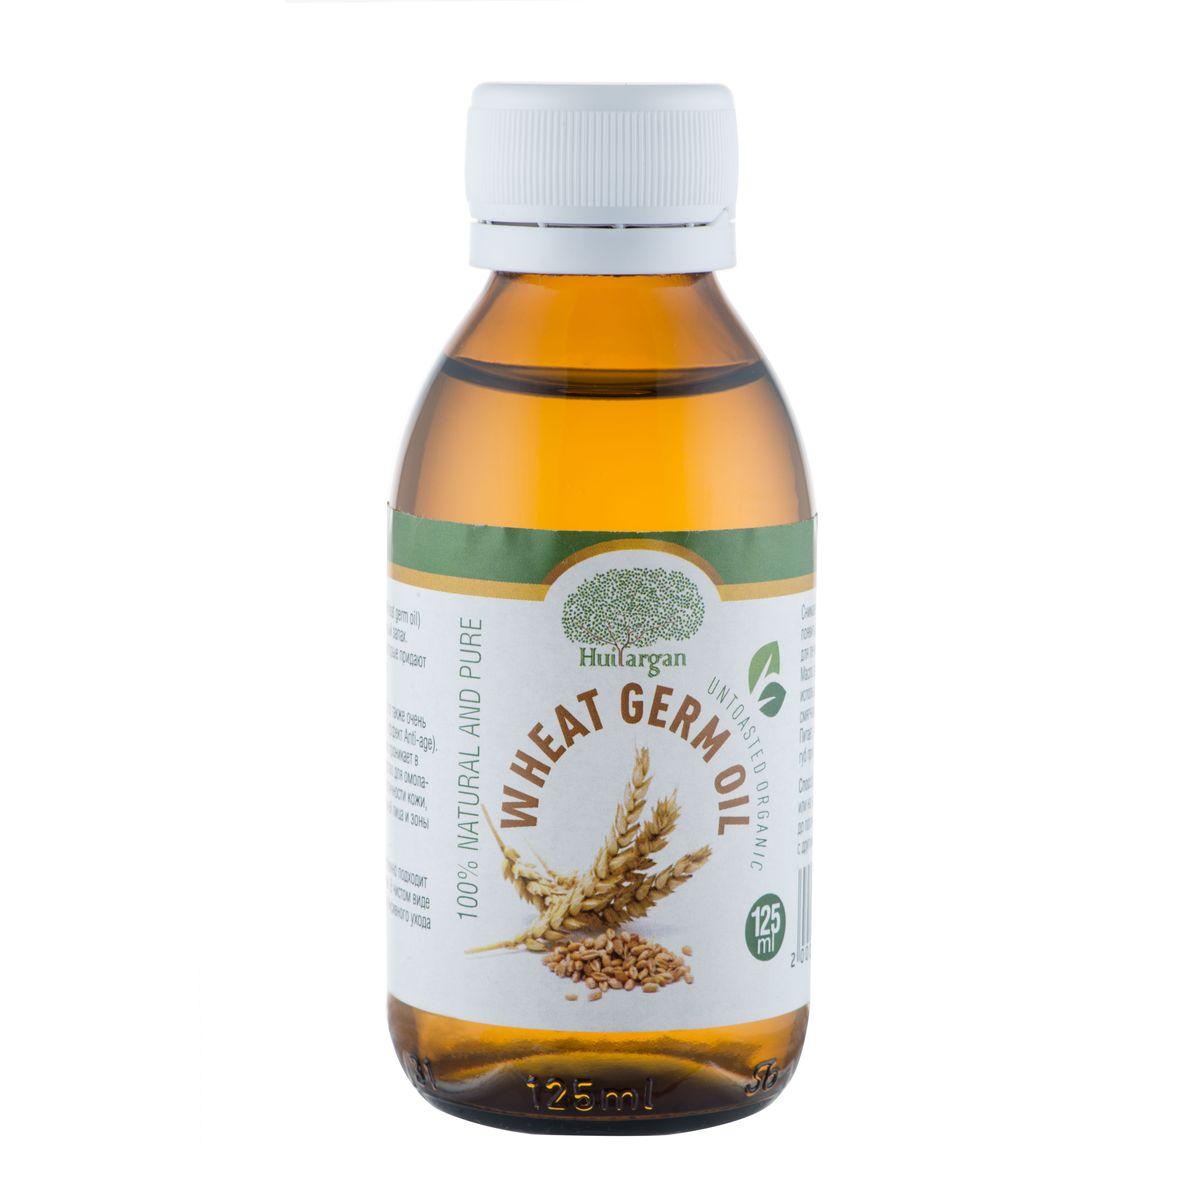 Huilargan Масло зародышей пшеницы, 100% органическое, 125 млFS-00897Масло зародышей пшеницы (Wheat germ oil) имеет очень приятный солнечный запах. Оно содержит каротиноиды, которые придают ему его красивый желтый цвет.Богато кислотами омега-3, 6. Это также очень важный источник витамина Е ( эффект Anti-age). За счет того, что масло глубоко проникает в клетки кожи это отличное средство для омолаживания и восстановления эластичности кожи, рекомендуется для ухода за кожей лица и зоны декольте.Хорошо питает и защищает, особенно подходит для обезвоженной и сухой кожи. В чистом виде это идеальное средство для интенсивного ухода за потрескавшейся кожей.Снимает воспаления, которые могут появиться на коже. Прекрасно подходит для лечения угрей и прыщей на коже.Масло зародышей пшеницы может использоваться для снятия макияжа и как смягчающее средство для кожи лица и тела.Питает, тонизирует и защищает кожу рук и губ при холодной погоде.